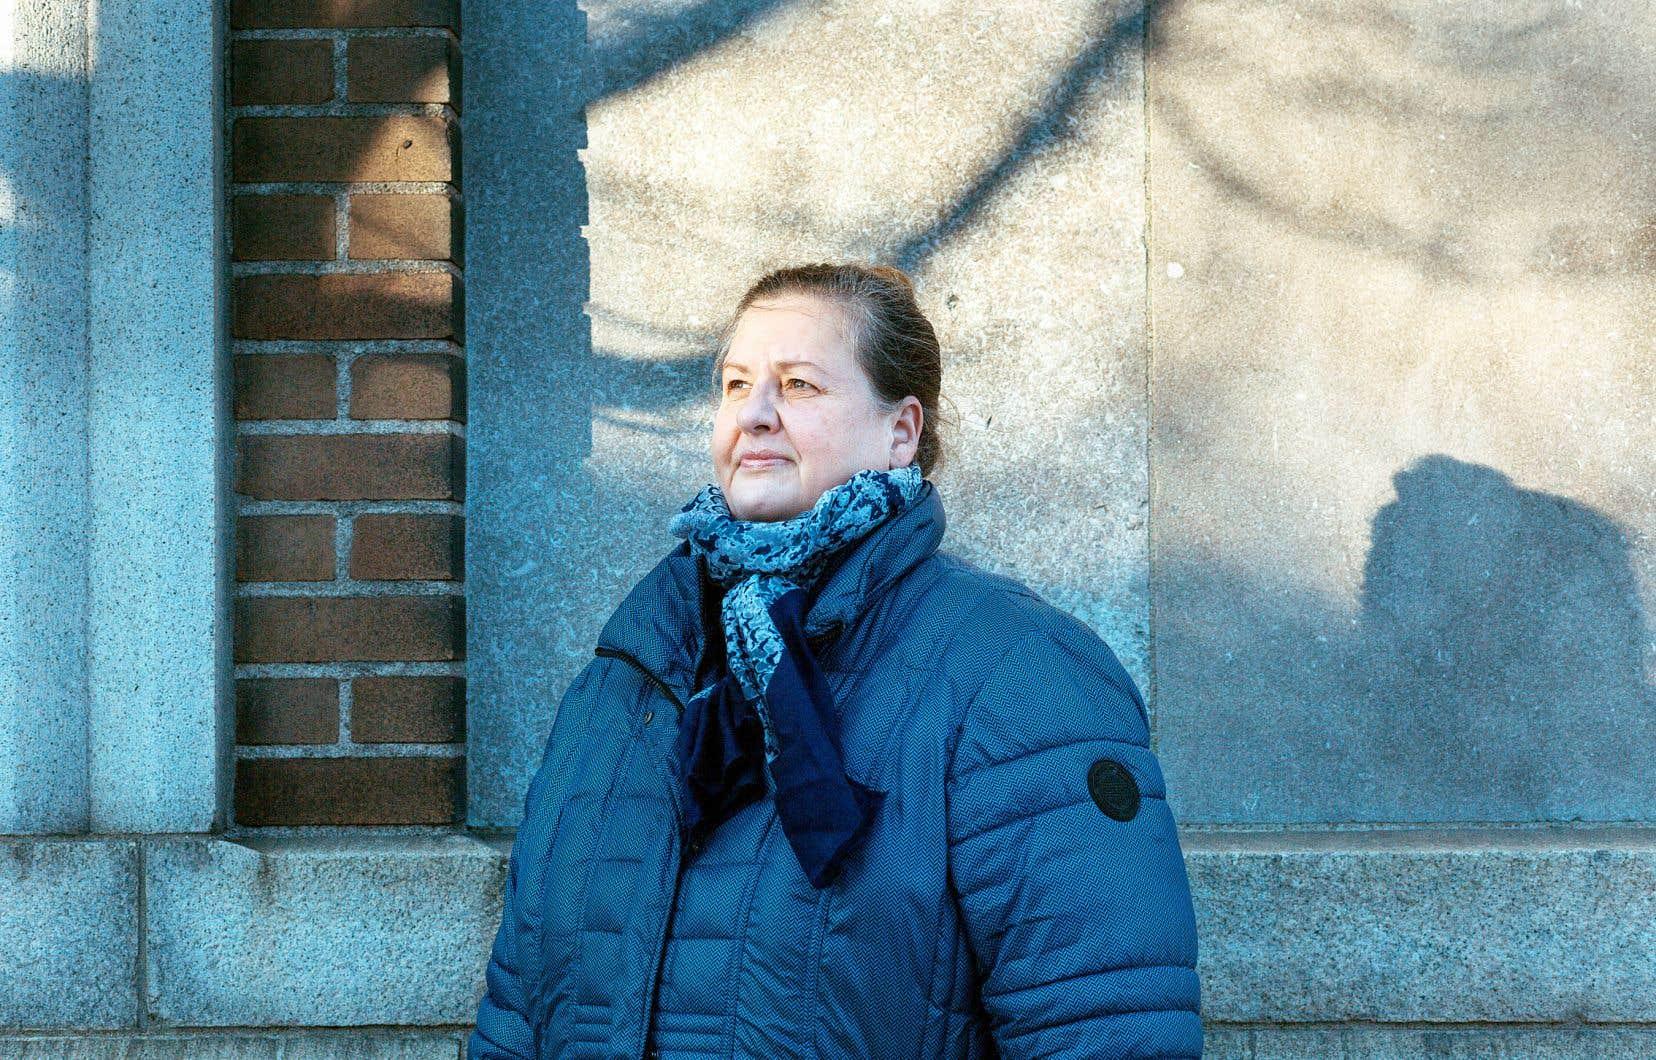 Manon Monastesse, directrice générale de la Fédération des maisons d'hébergement pour femmes, tiendra lundi une conférence de presse avec les représentantes des partis d'opposition à Québec pour interpeller le gouvernement sur les besoins criants des établissements d'hébergement.